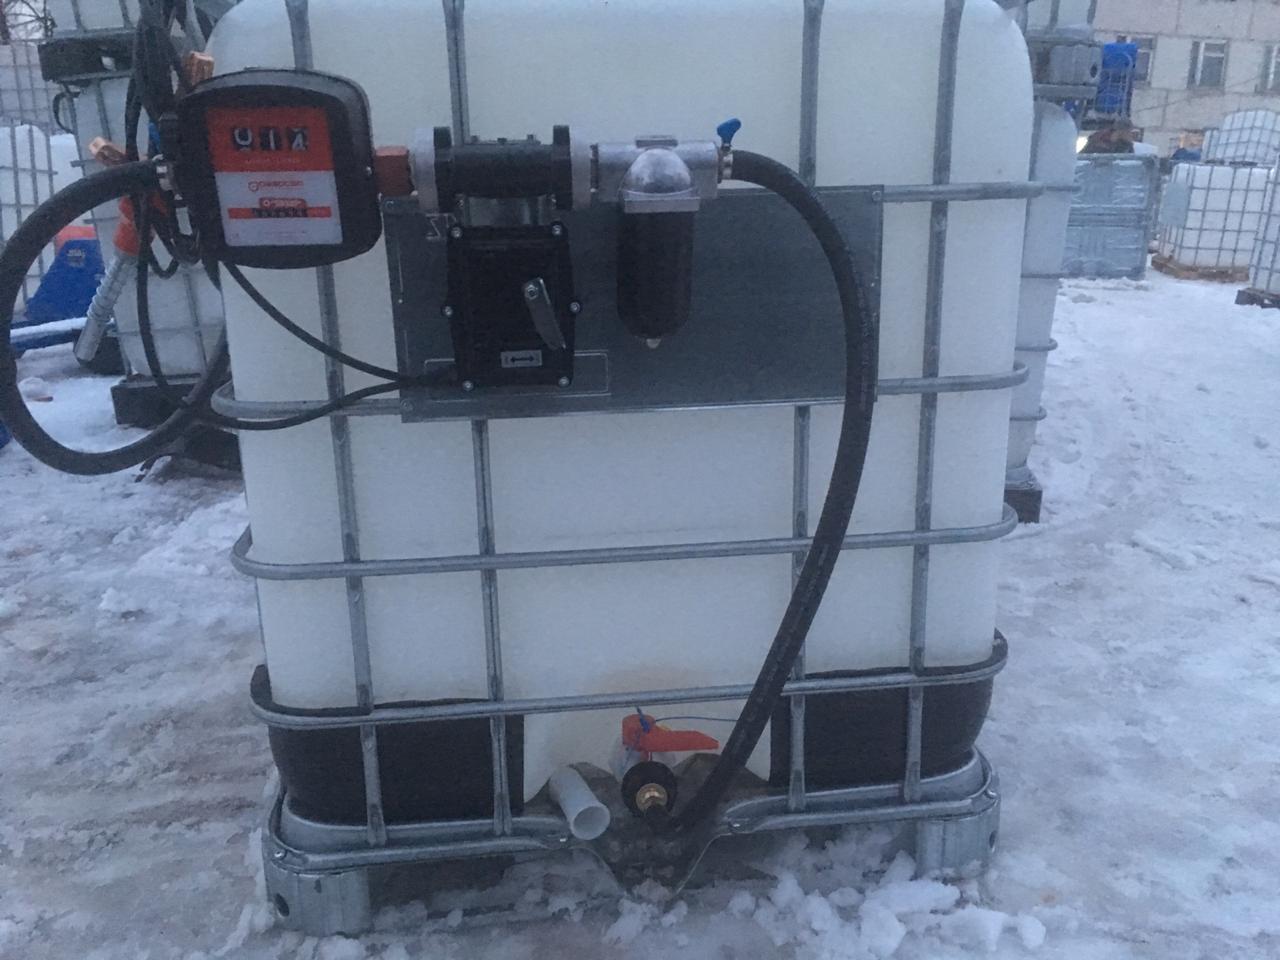 Пластиковая ёмкость объёмом тысячу литров с навесным топливным оборудованием для бензина,итальянского качества, в Москве по самой выгодной цене.